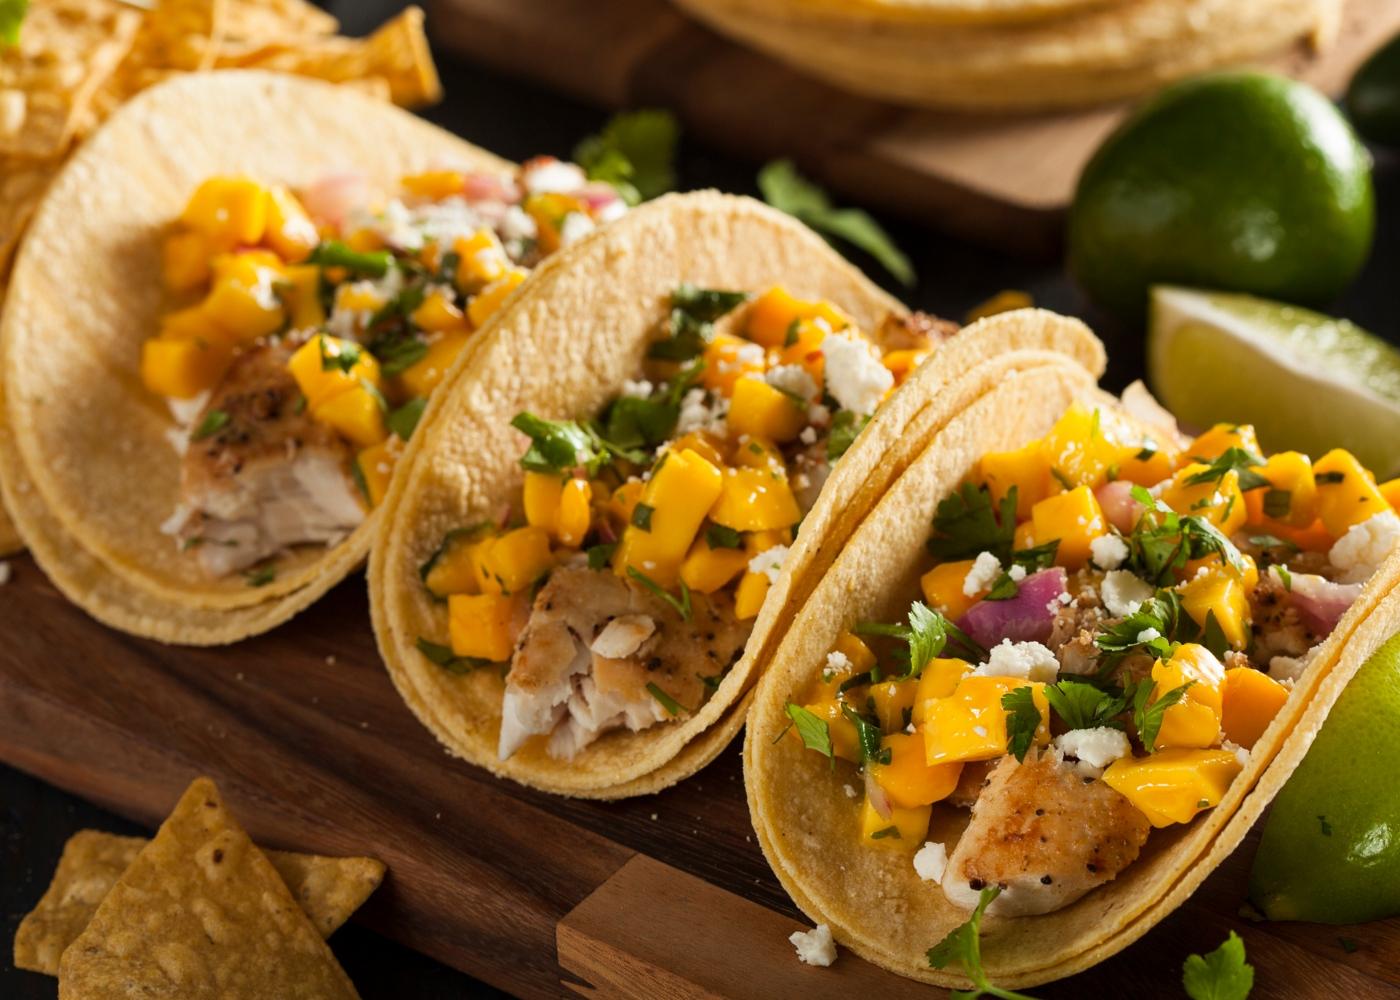 Tacos de peixe com manga e abacaxi